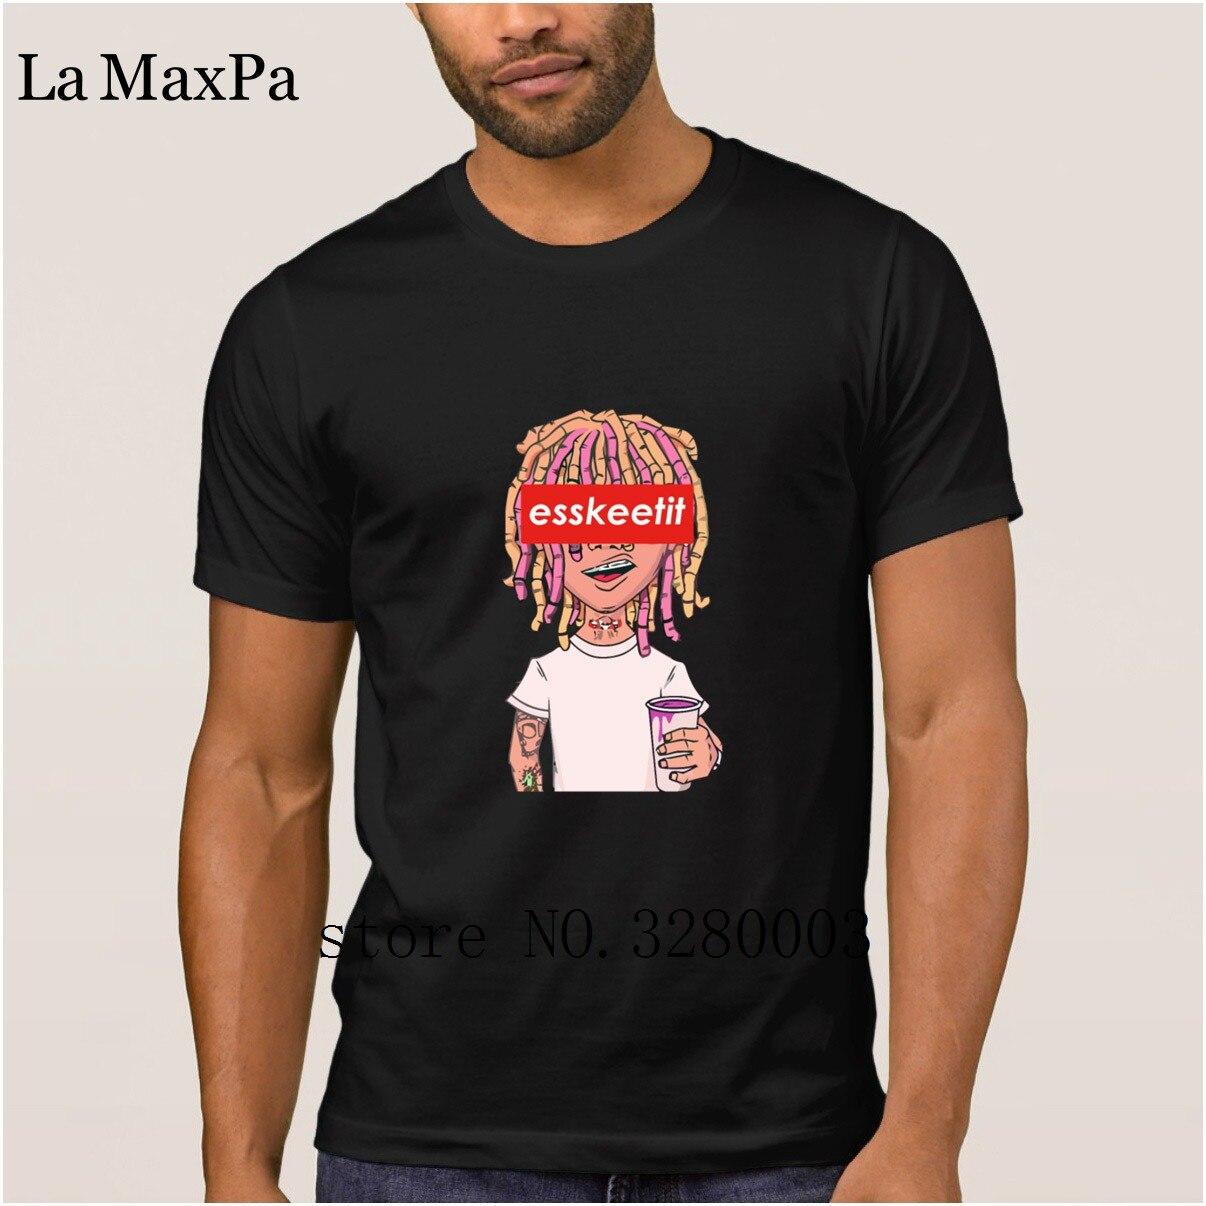 Crear grandes hombres lil bomba magra taza esskeetit dinero rap cantante Camiseta Hombre verano imágenes de los hombres euro tamaño Fit